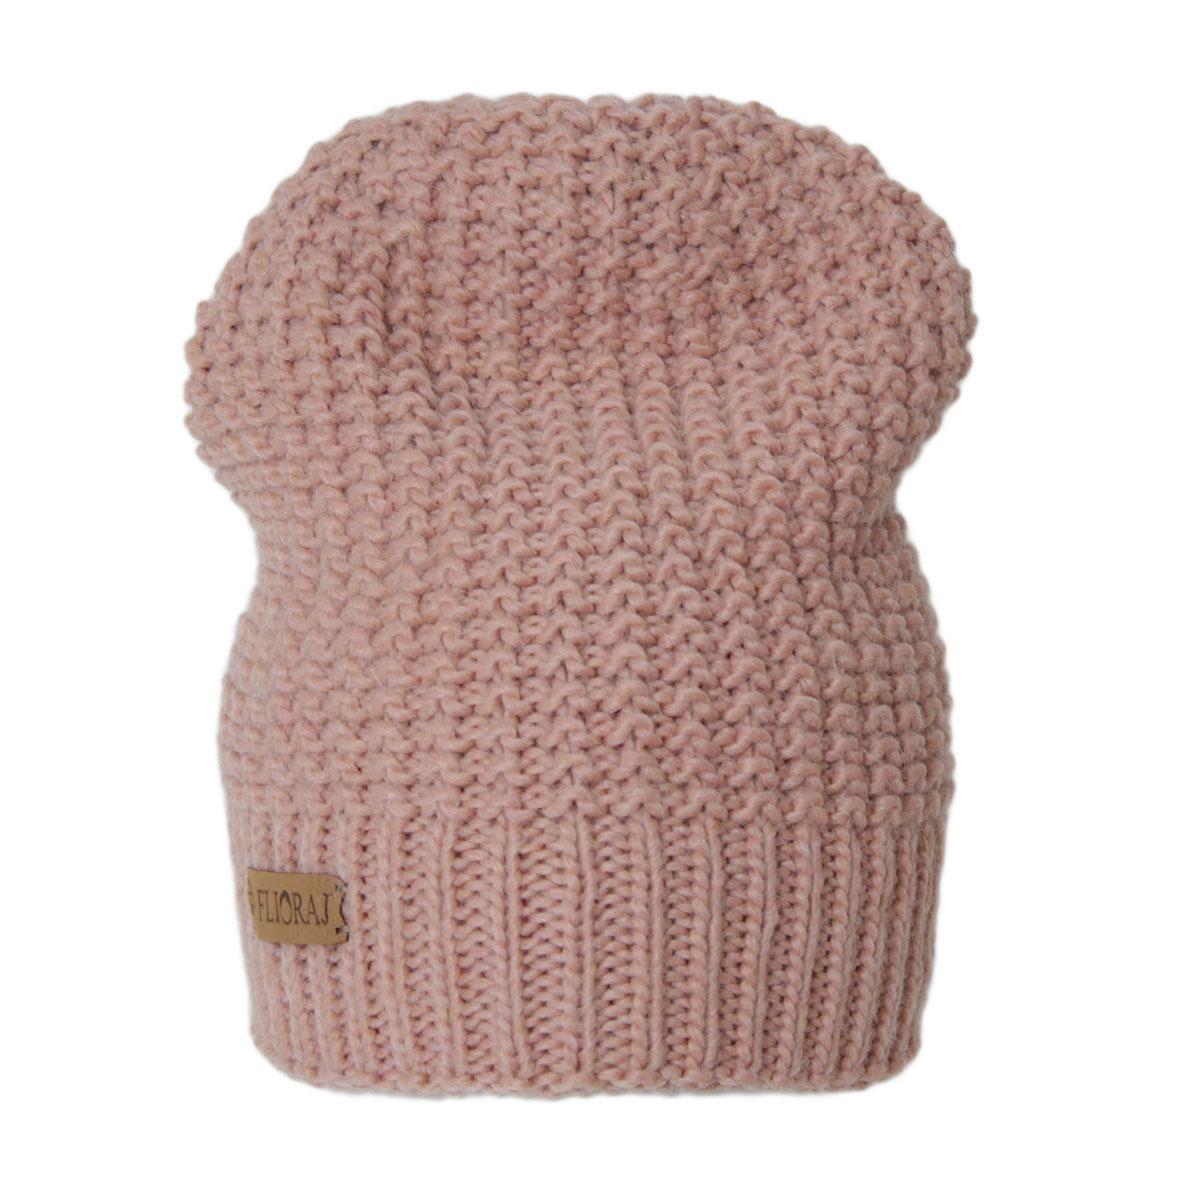 Шапка женская. 304FJ304FJТеплая двойная шапка из объемной итальянской пряжи. Состав пряжи делает изделие мягким, теплым, комфортным. Украшен фирменным кожаным логотипом.